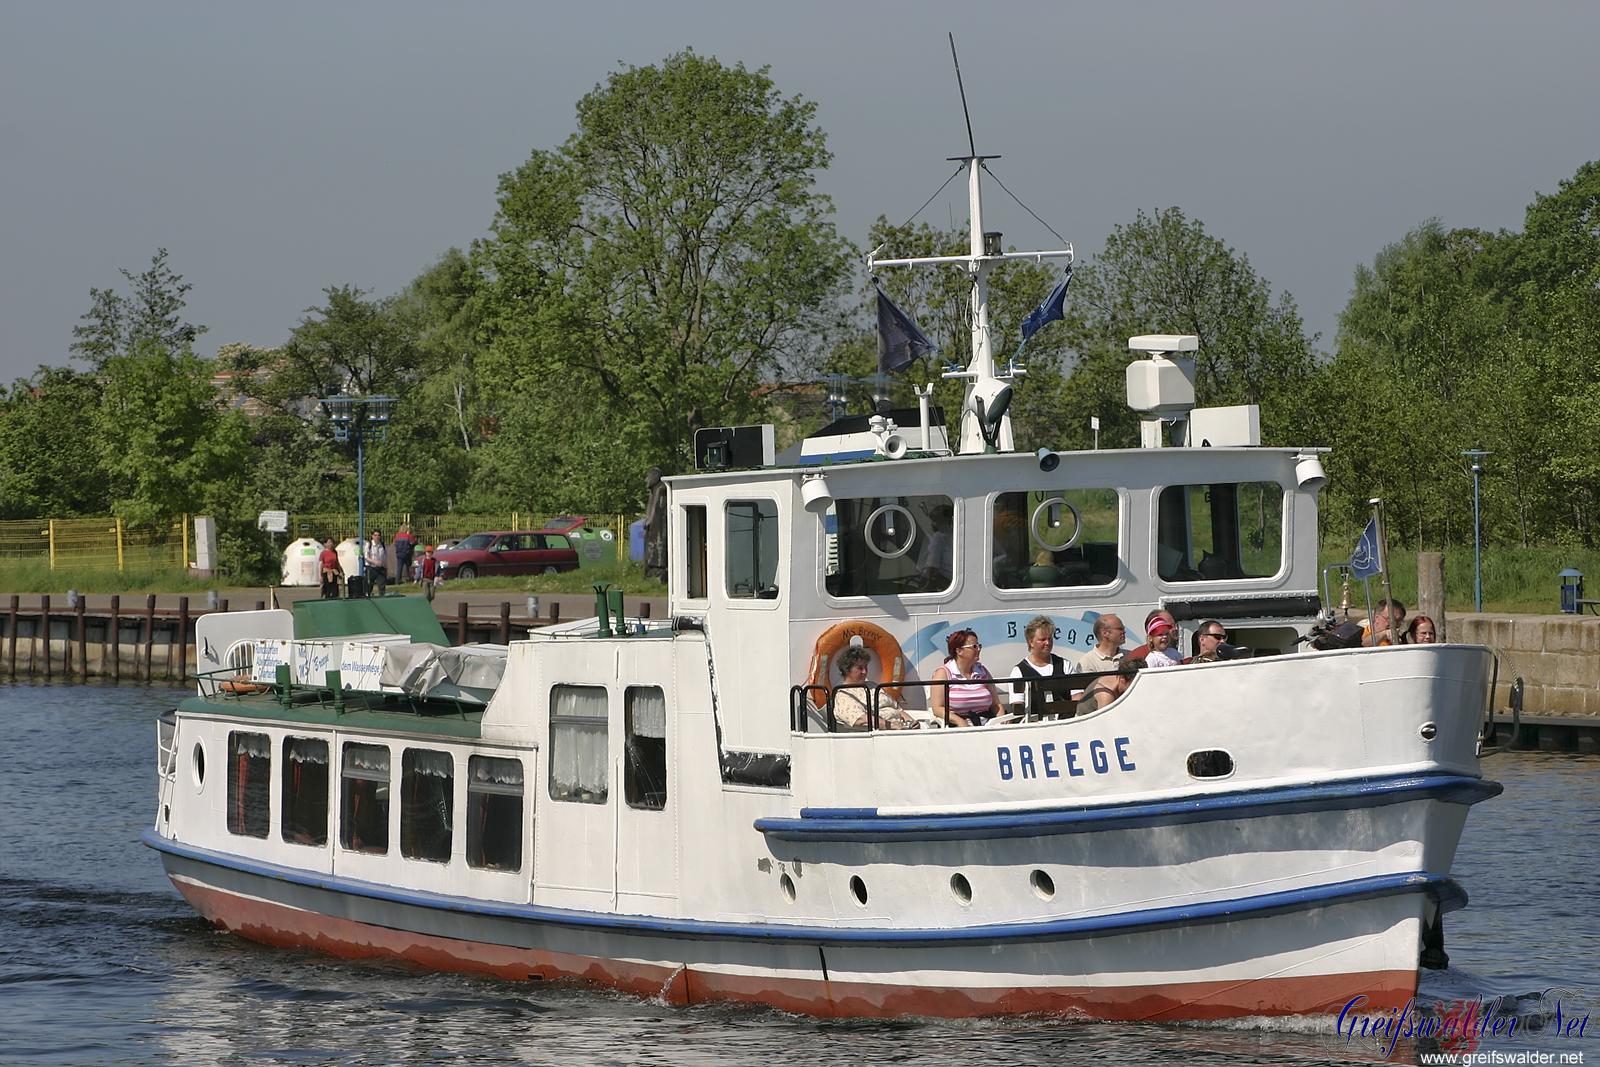 Fahrgastschiff MS Breege auf dem Ryck